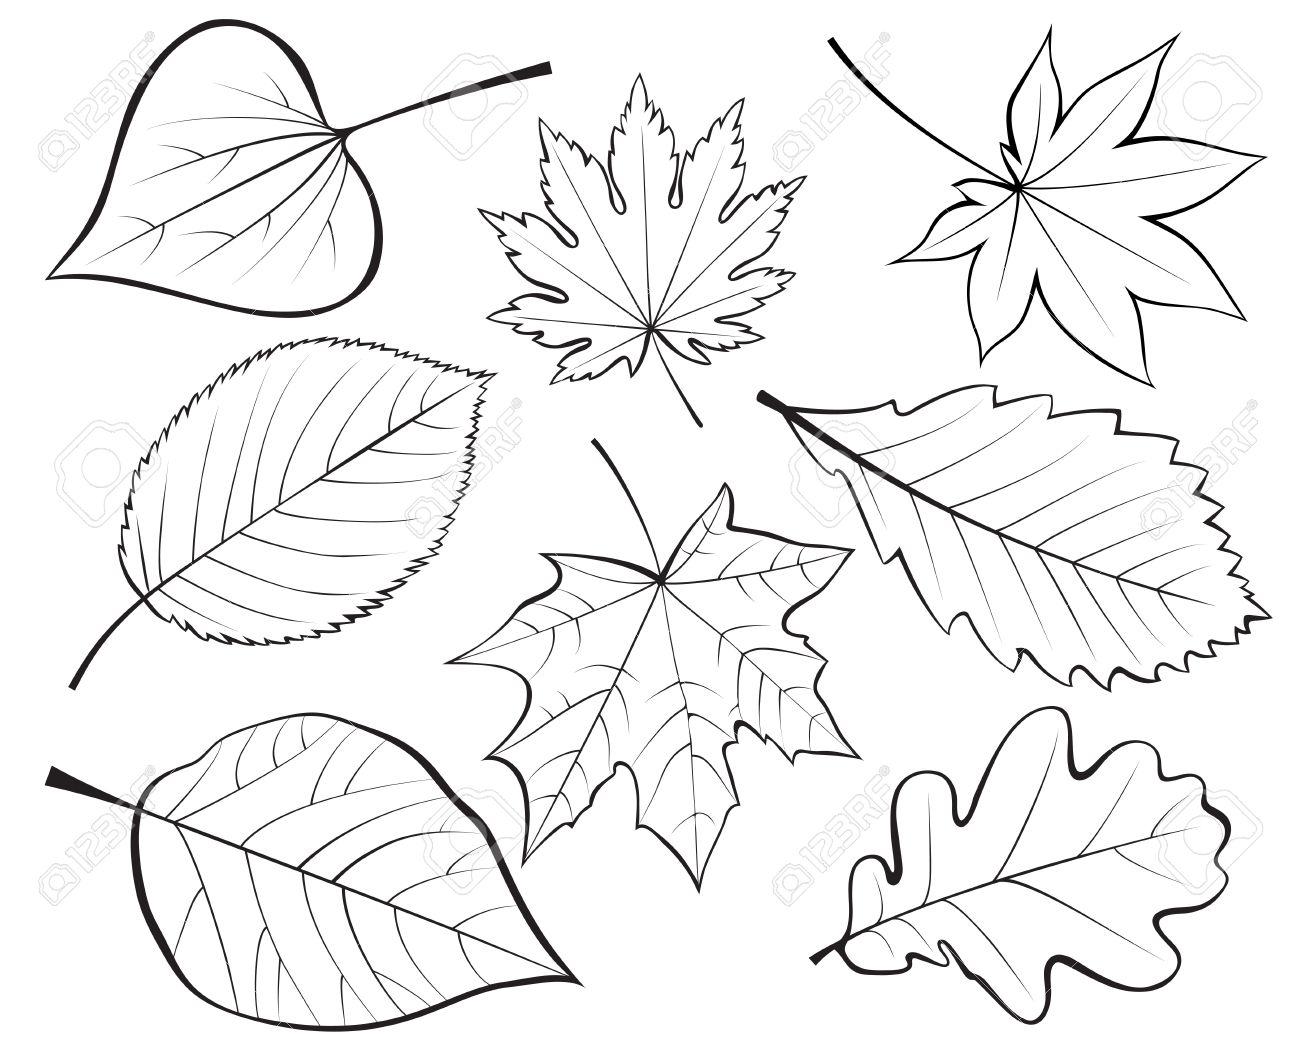 Leaves Line Drawing At Getdrawings